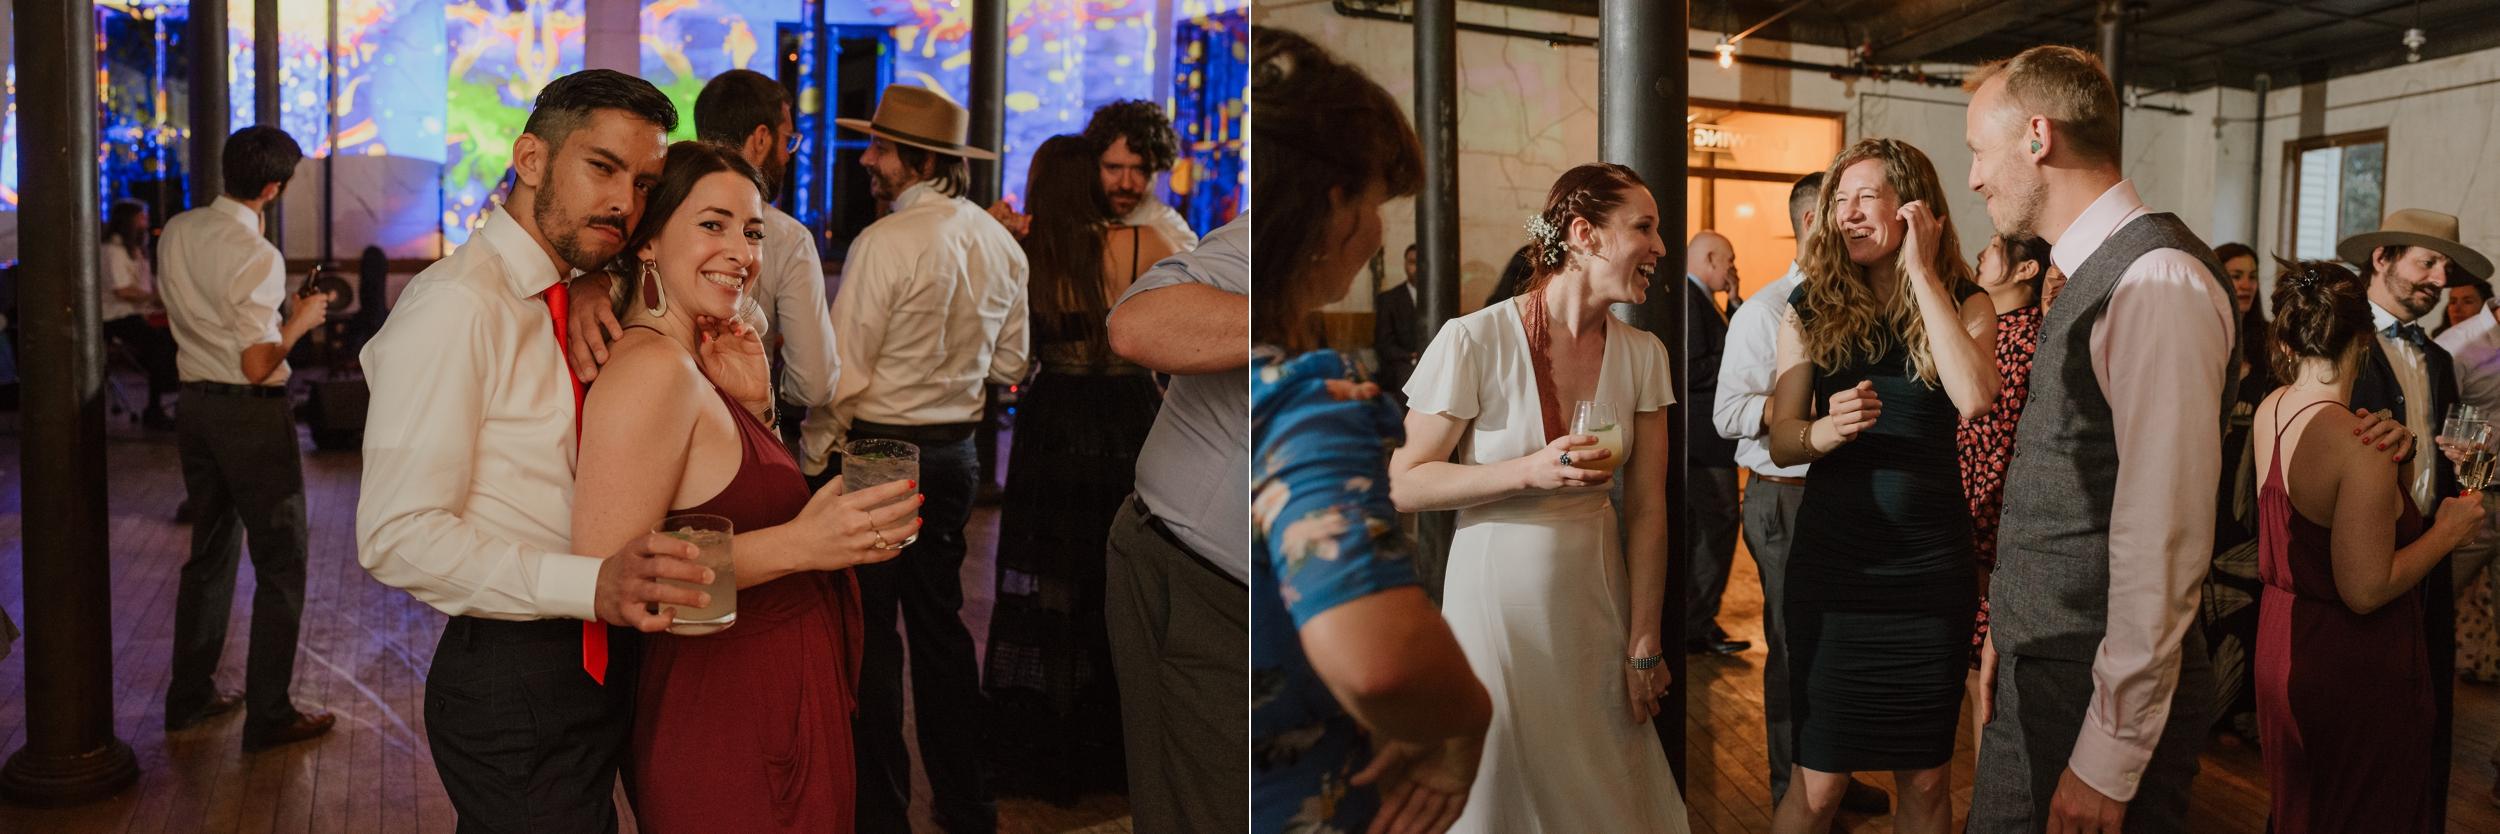 127-san-francisco-headlands-center-for-the-arts-wedding-vivianchen-687_WEB.jpg